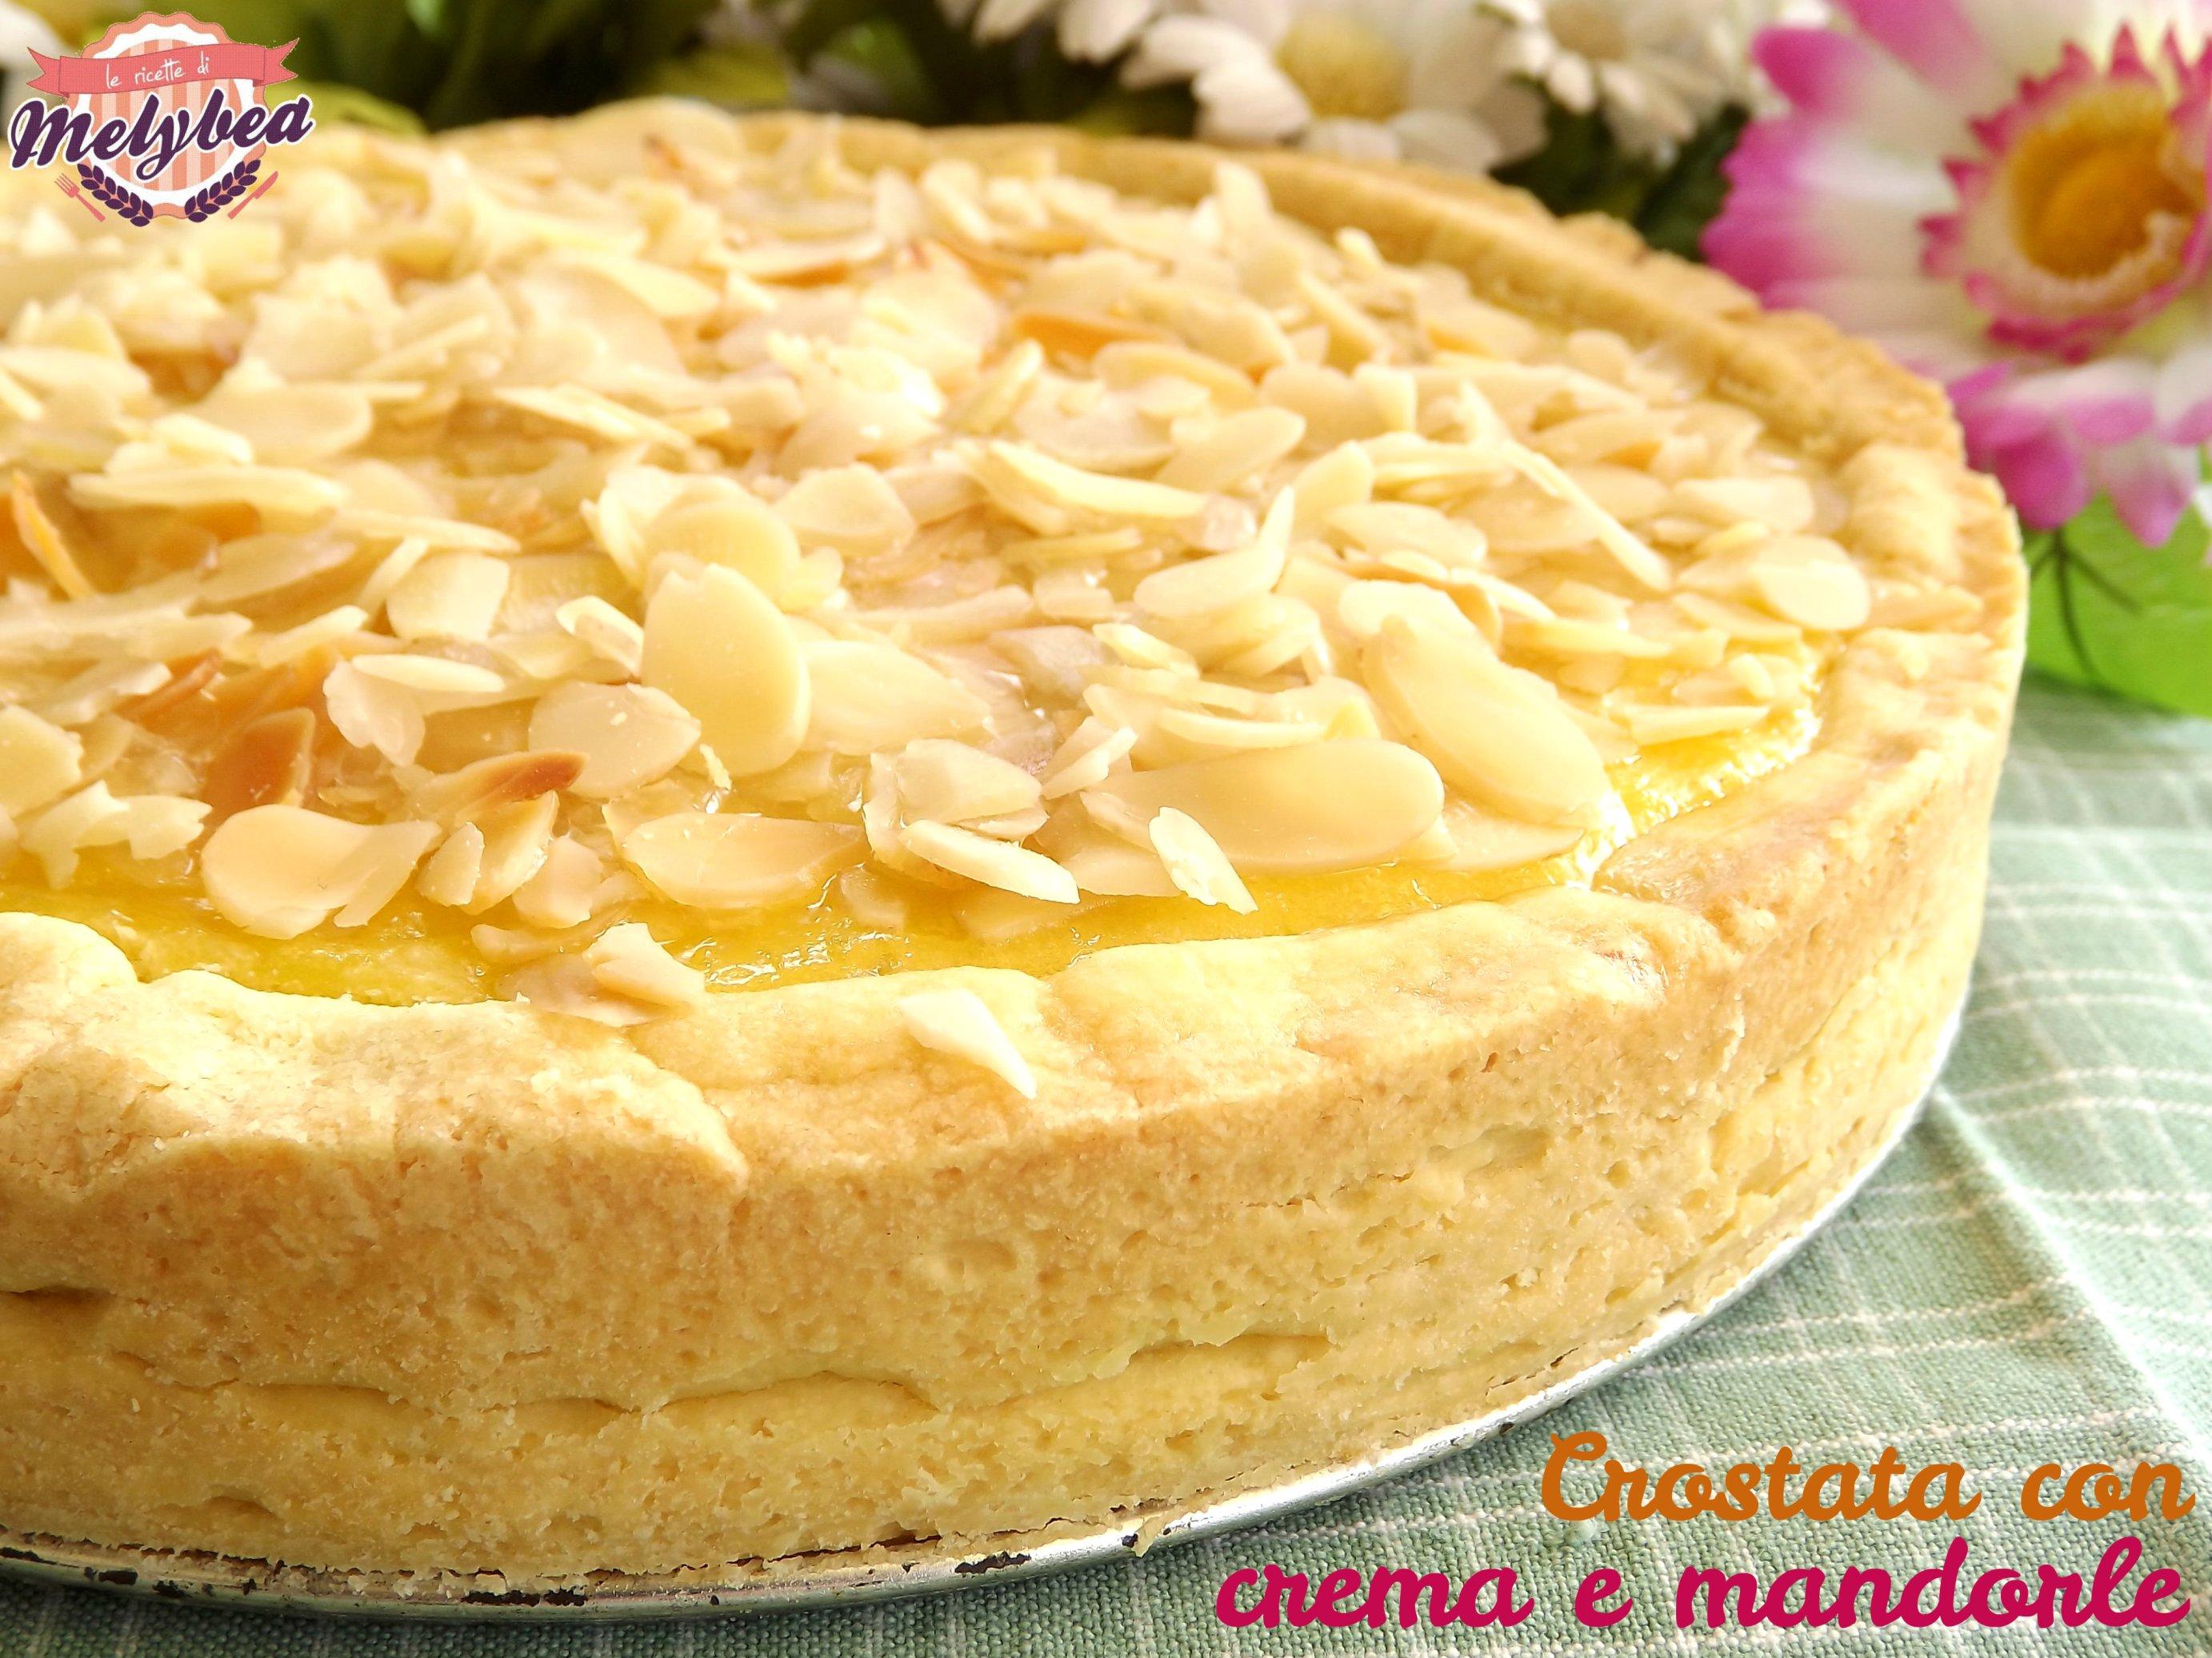 Crostata con crema e mandorle - Le ricette di Melybea